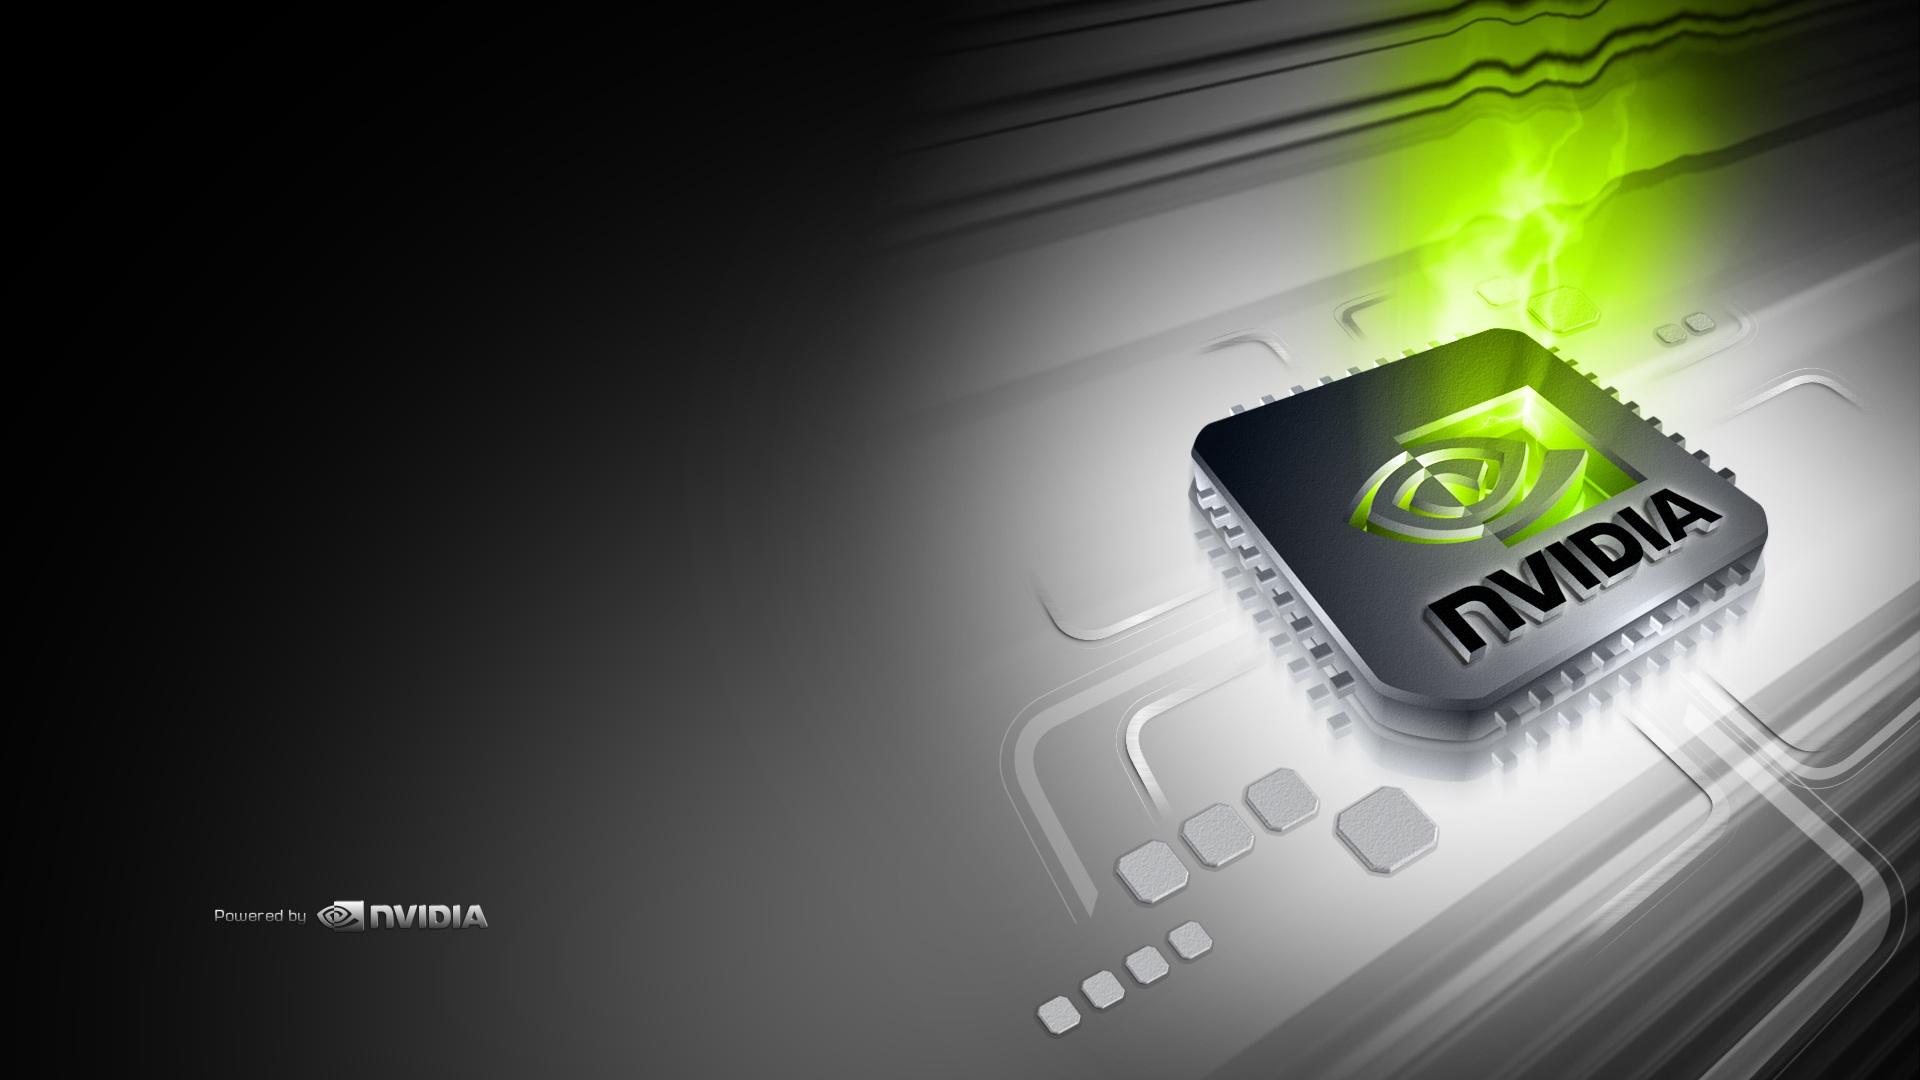 hi tech gadgets hd wallpapers 1080p 21   Wallpaper Hd 3D 1920x1080